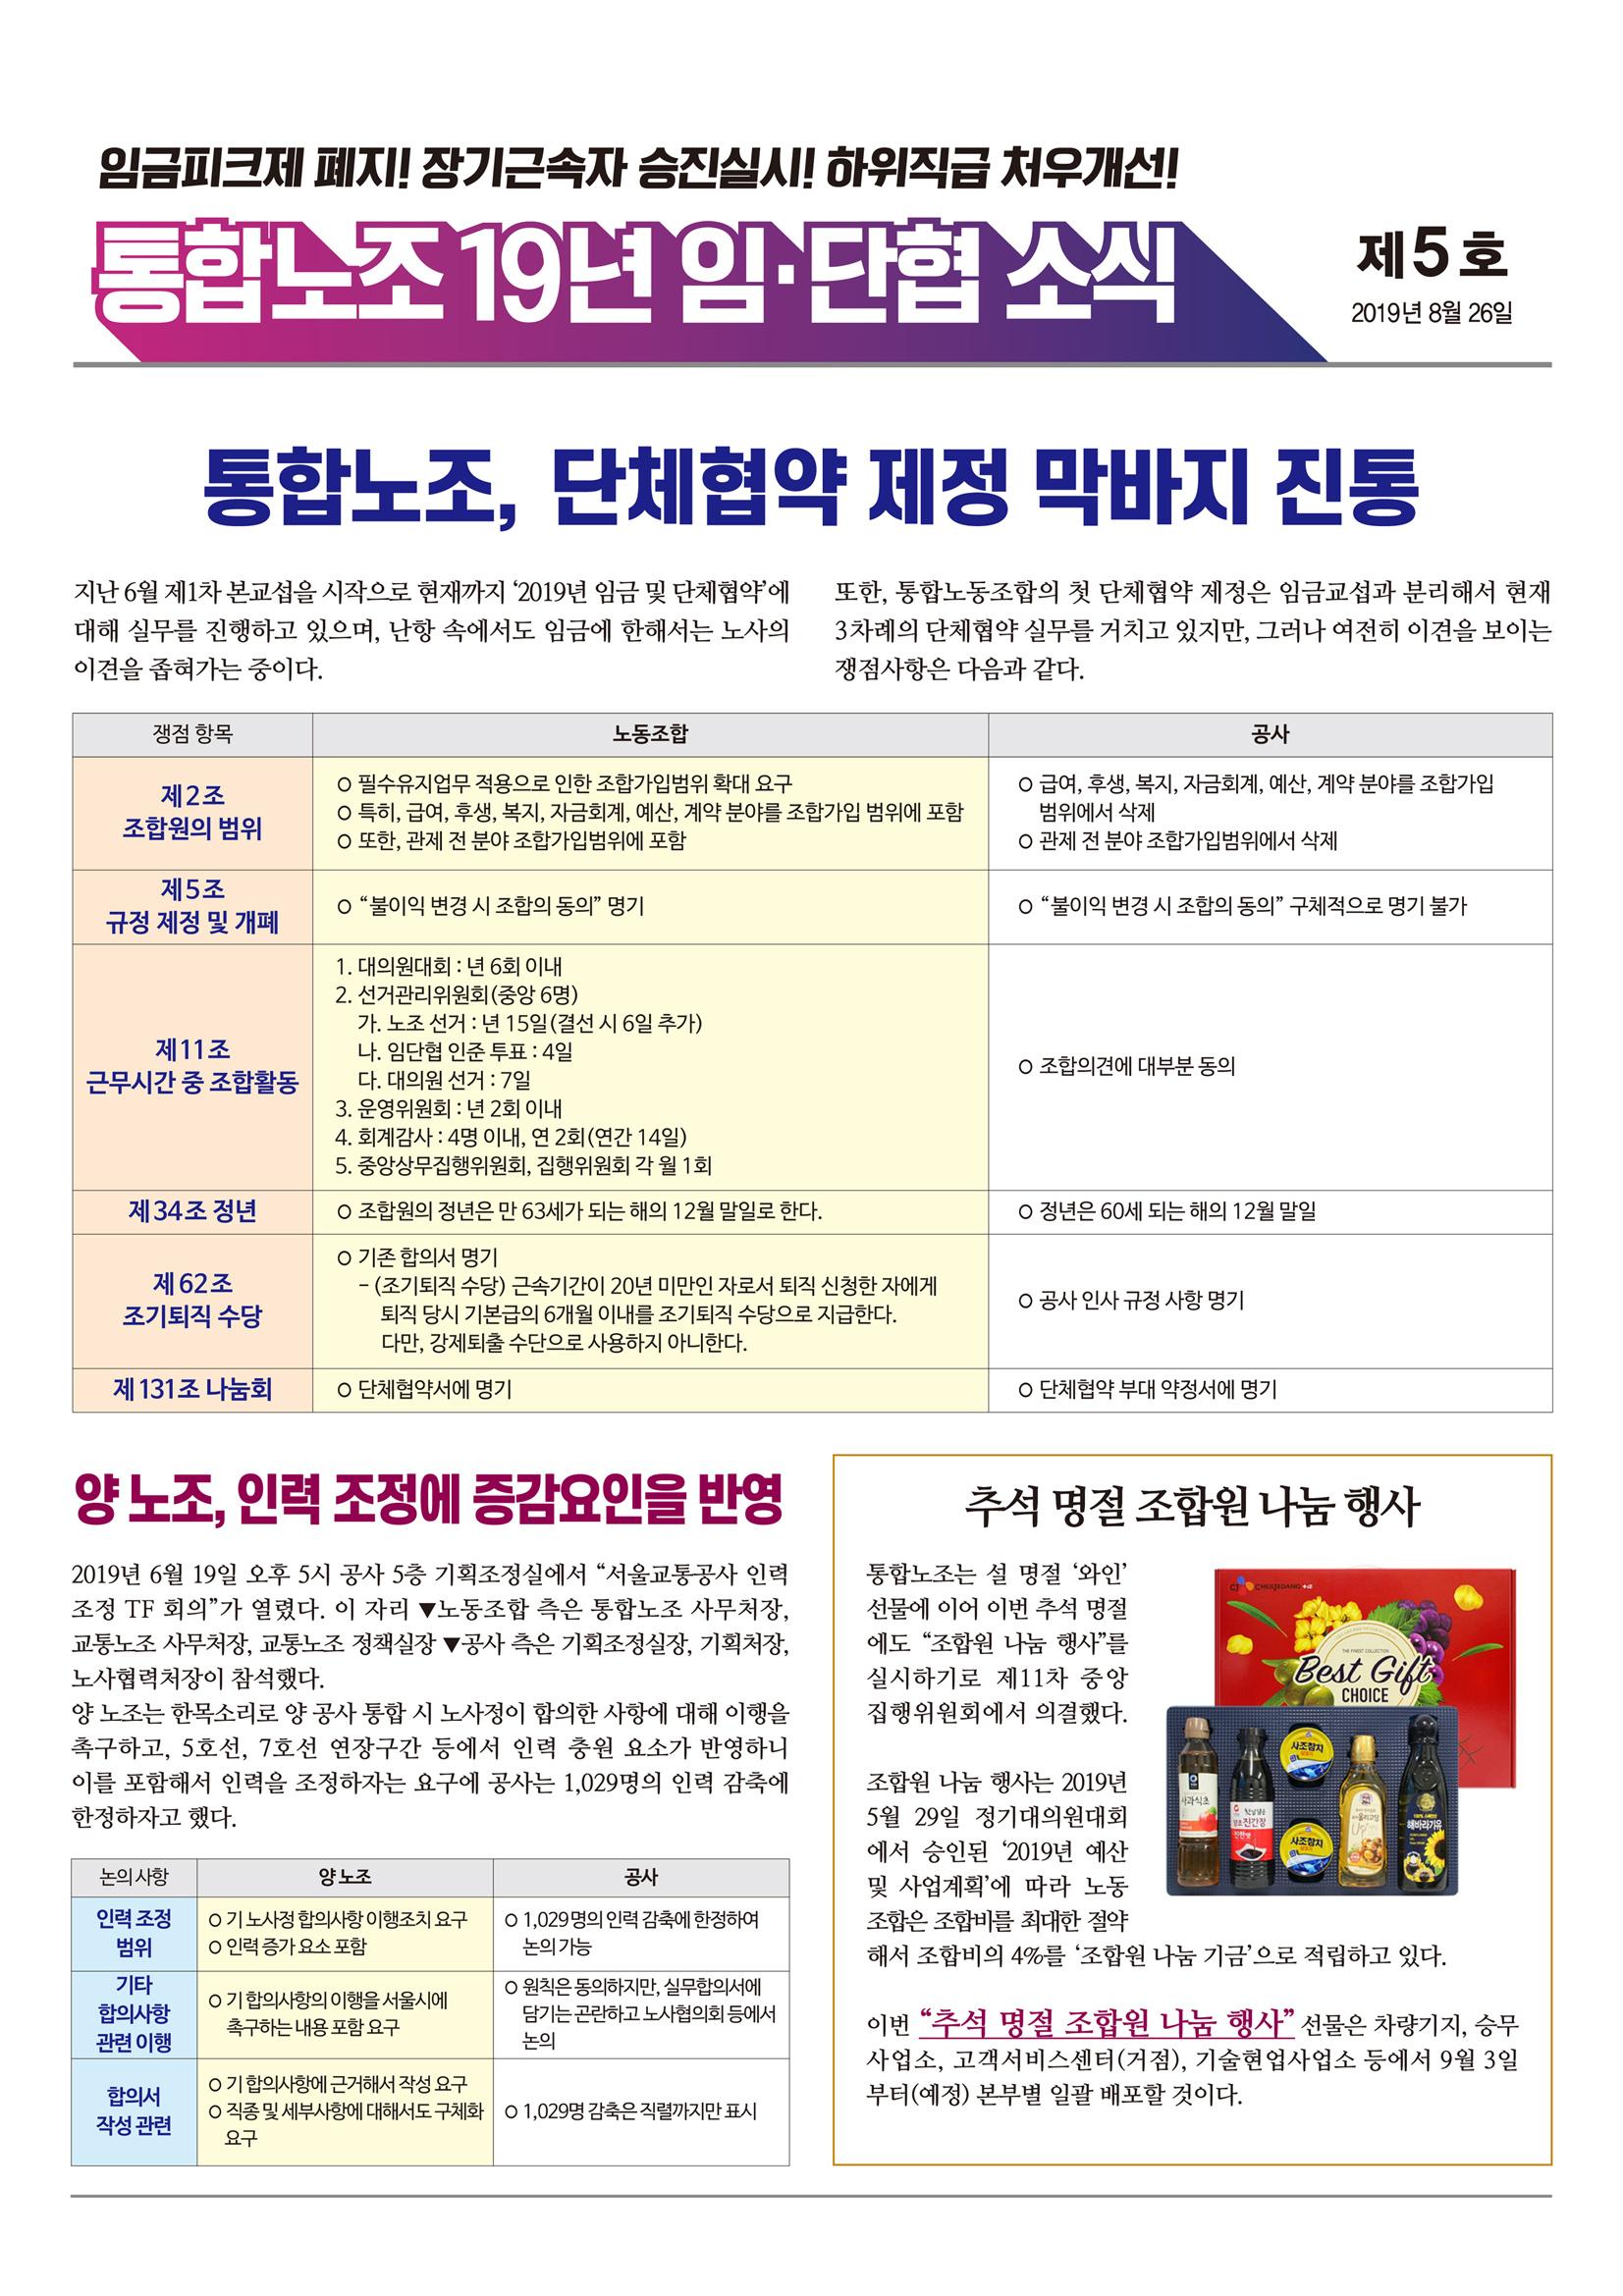 통합노조19년임단협소식_제5호_A3.jpg